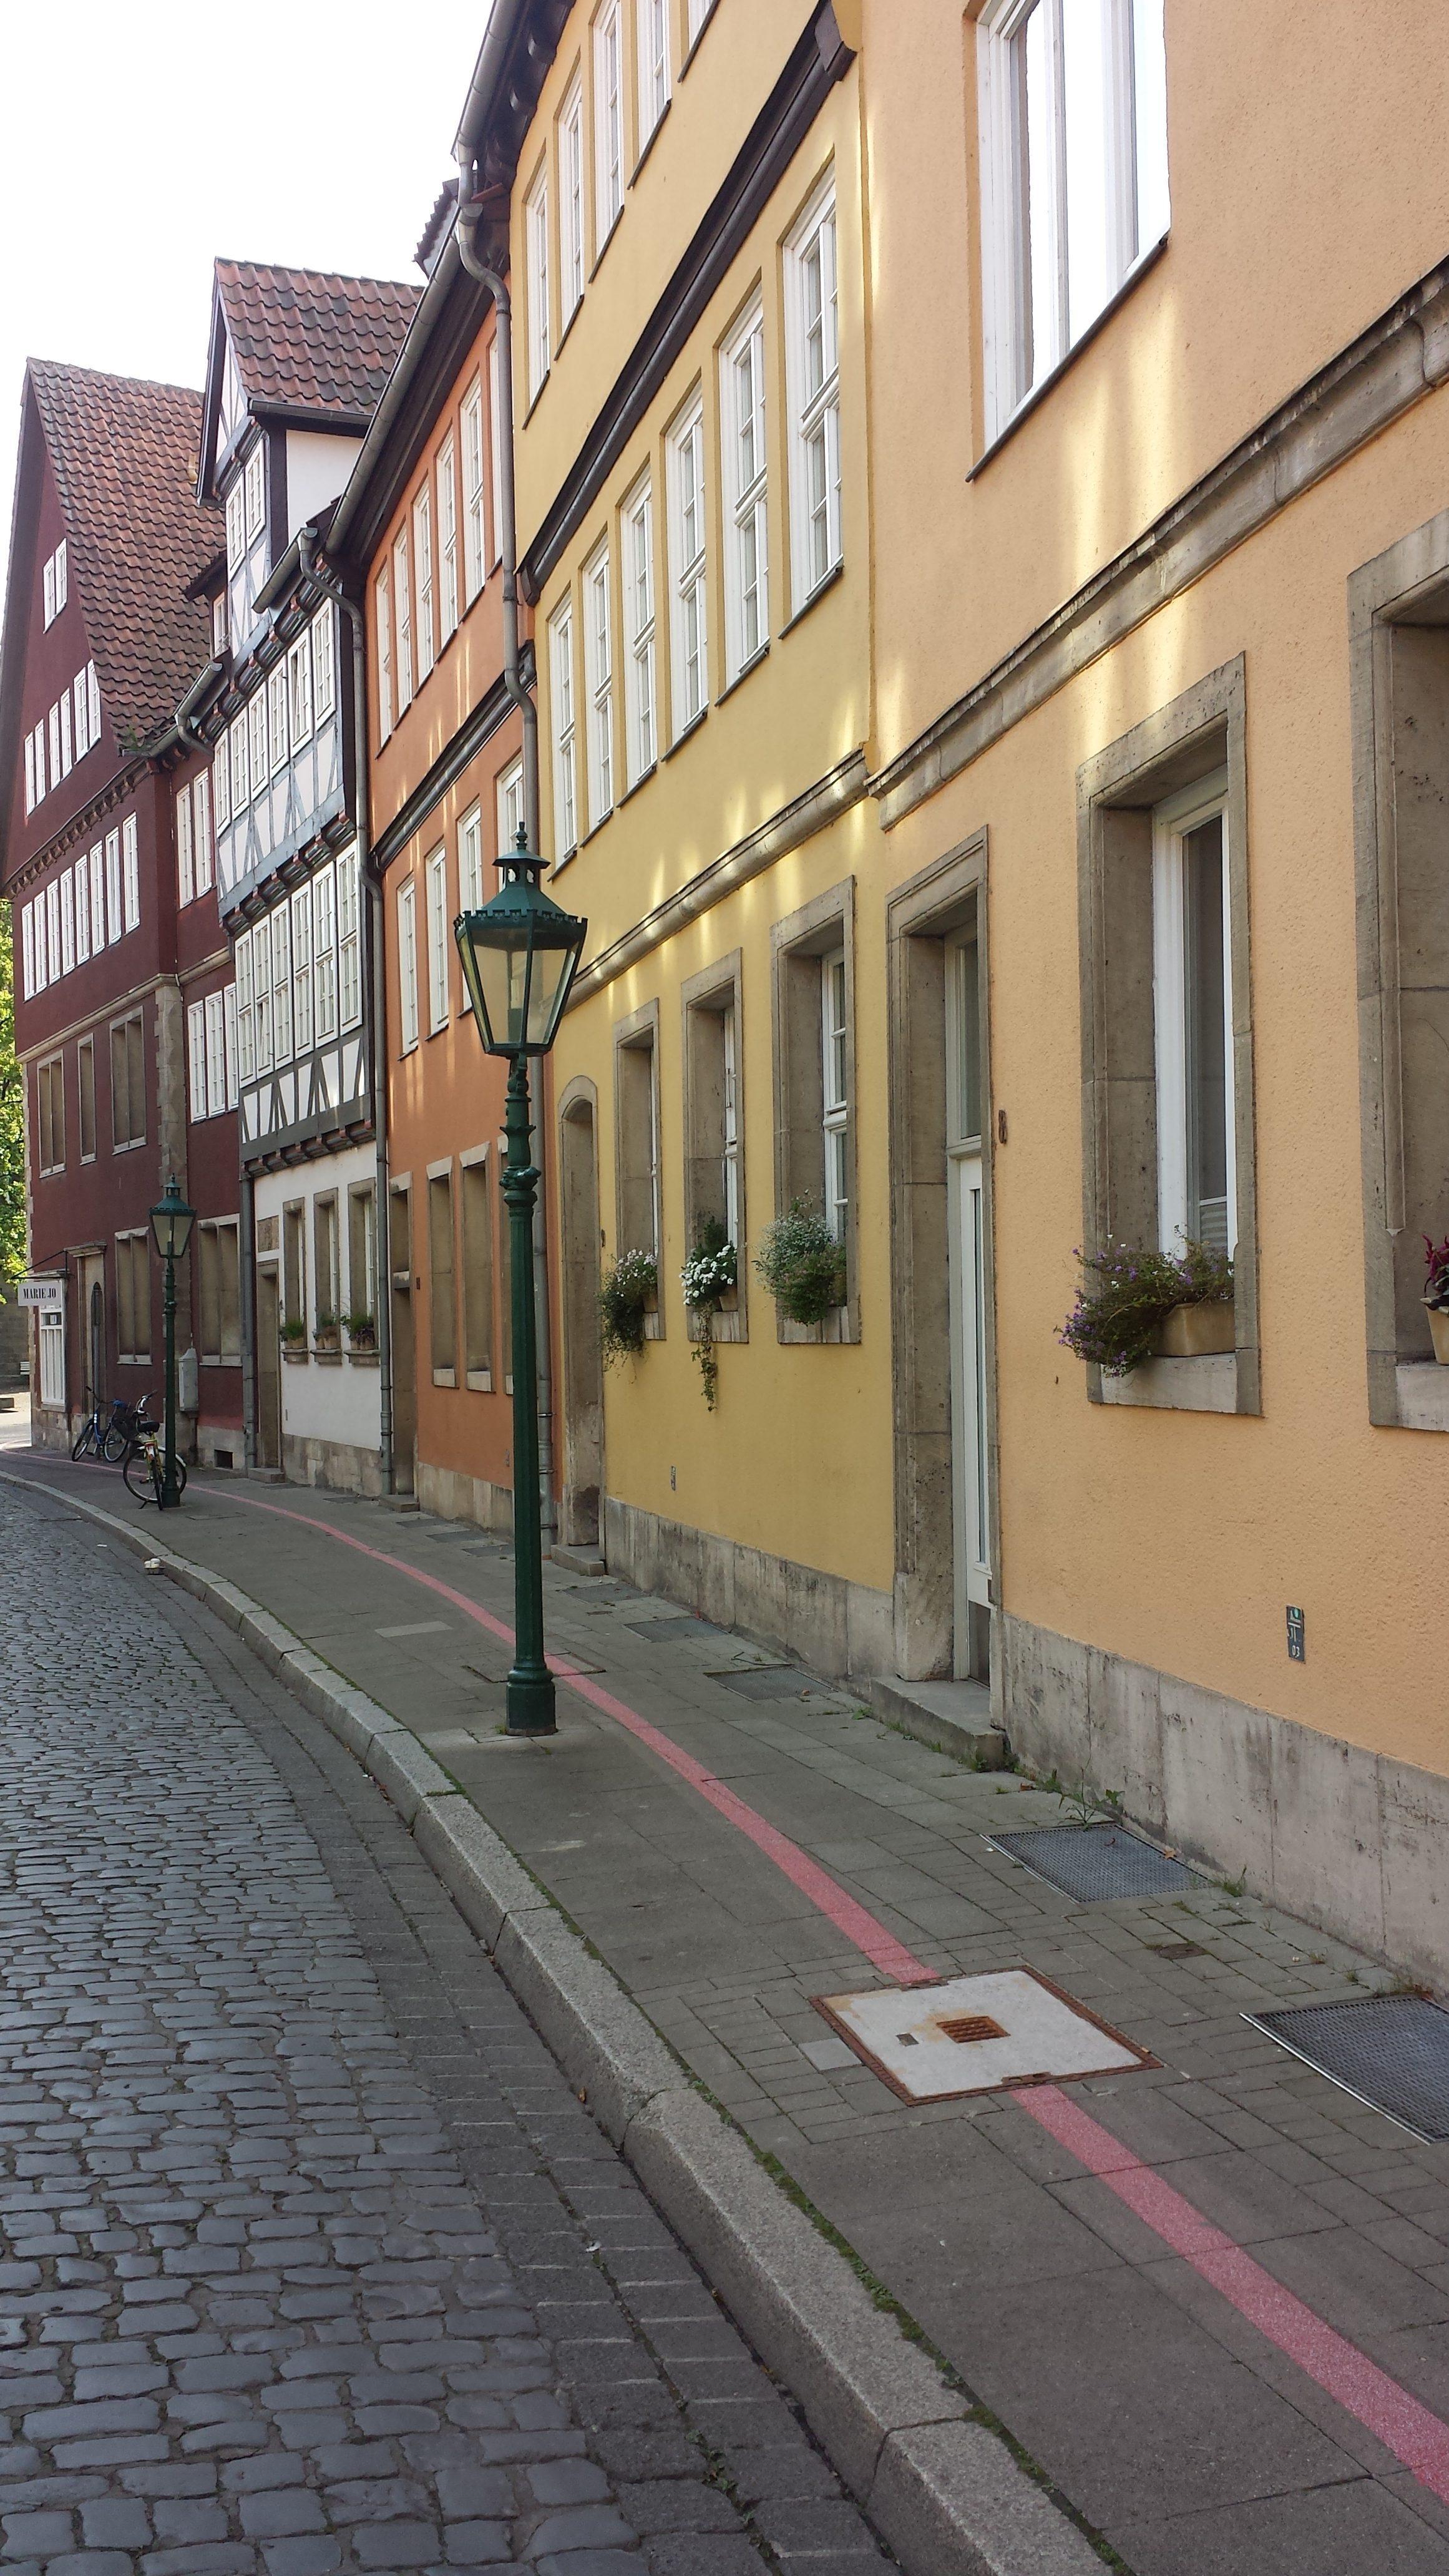 Hanover Germany